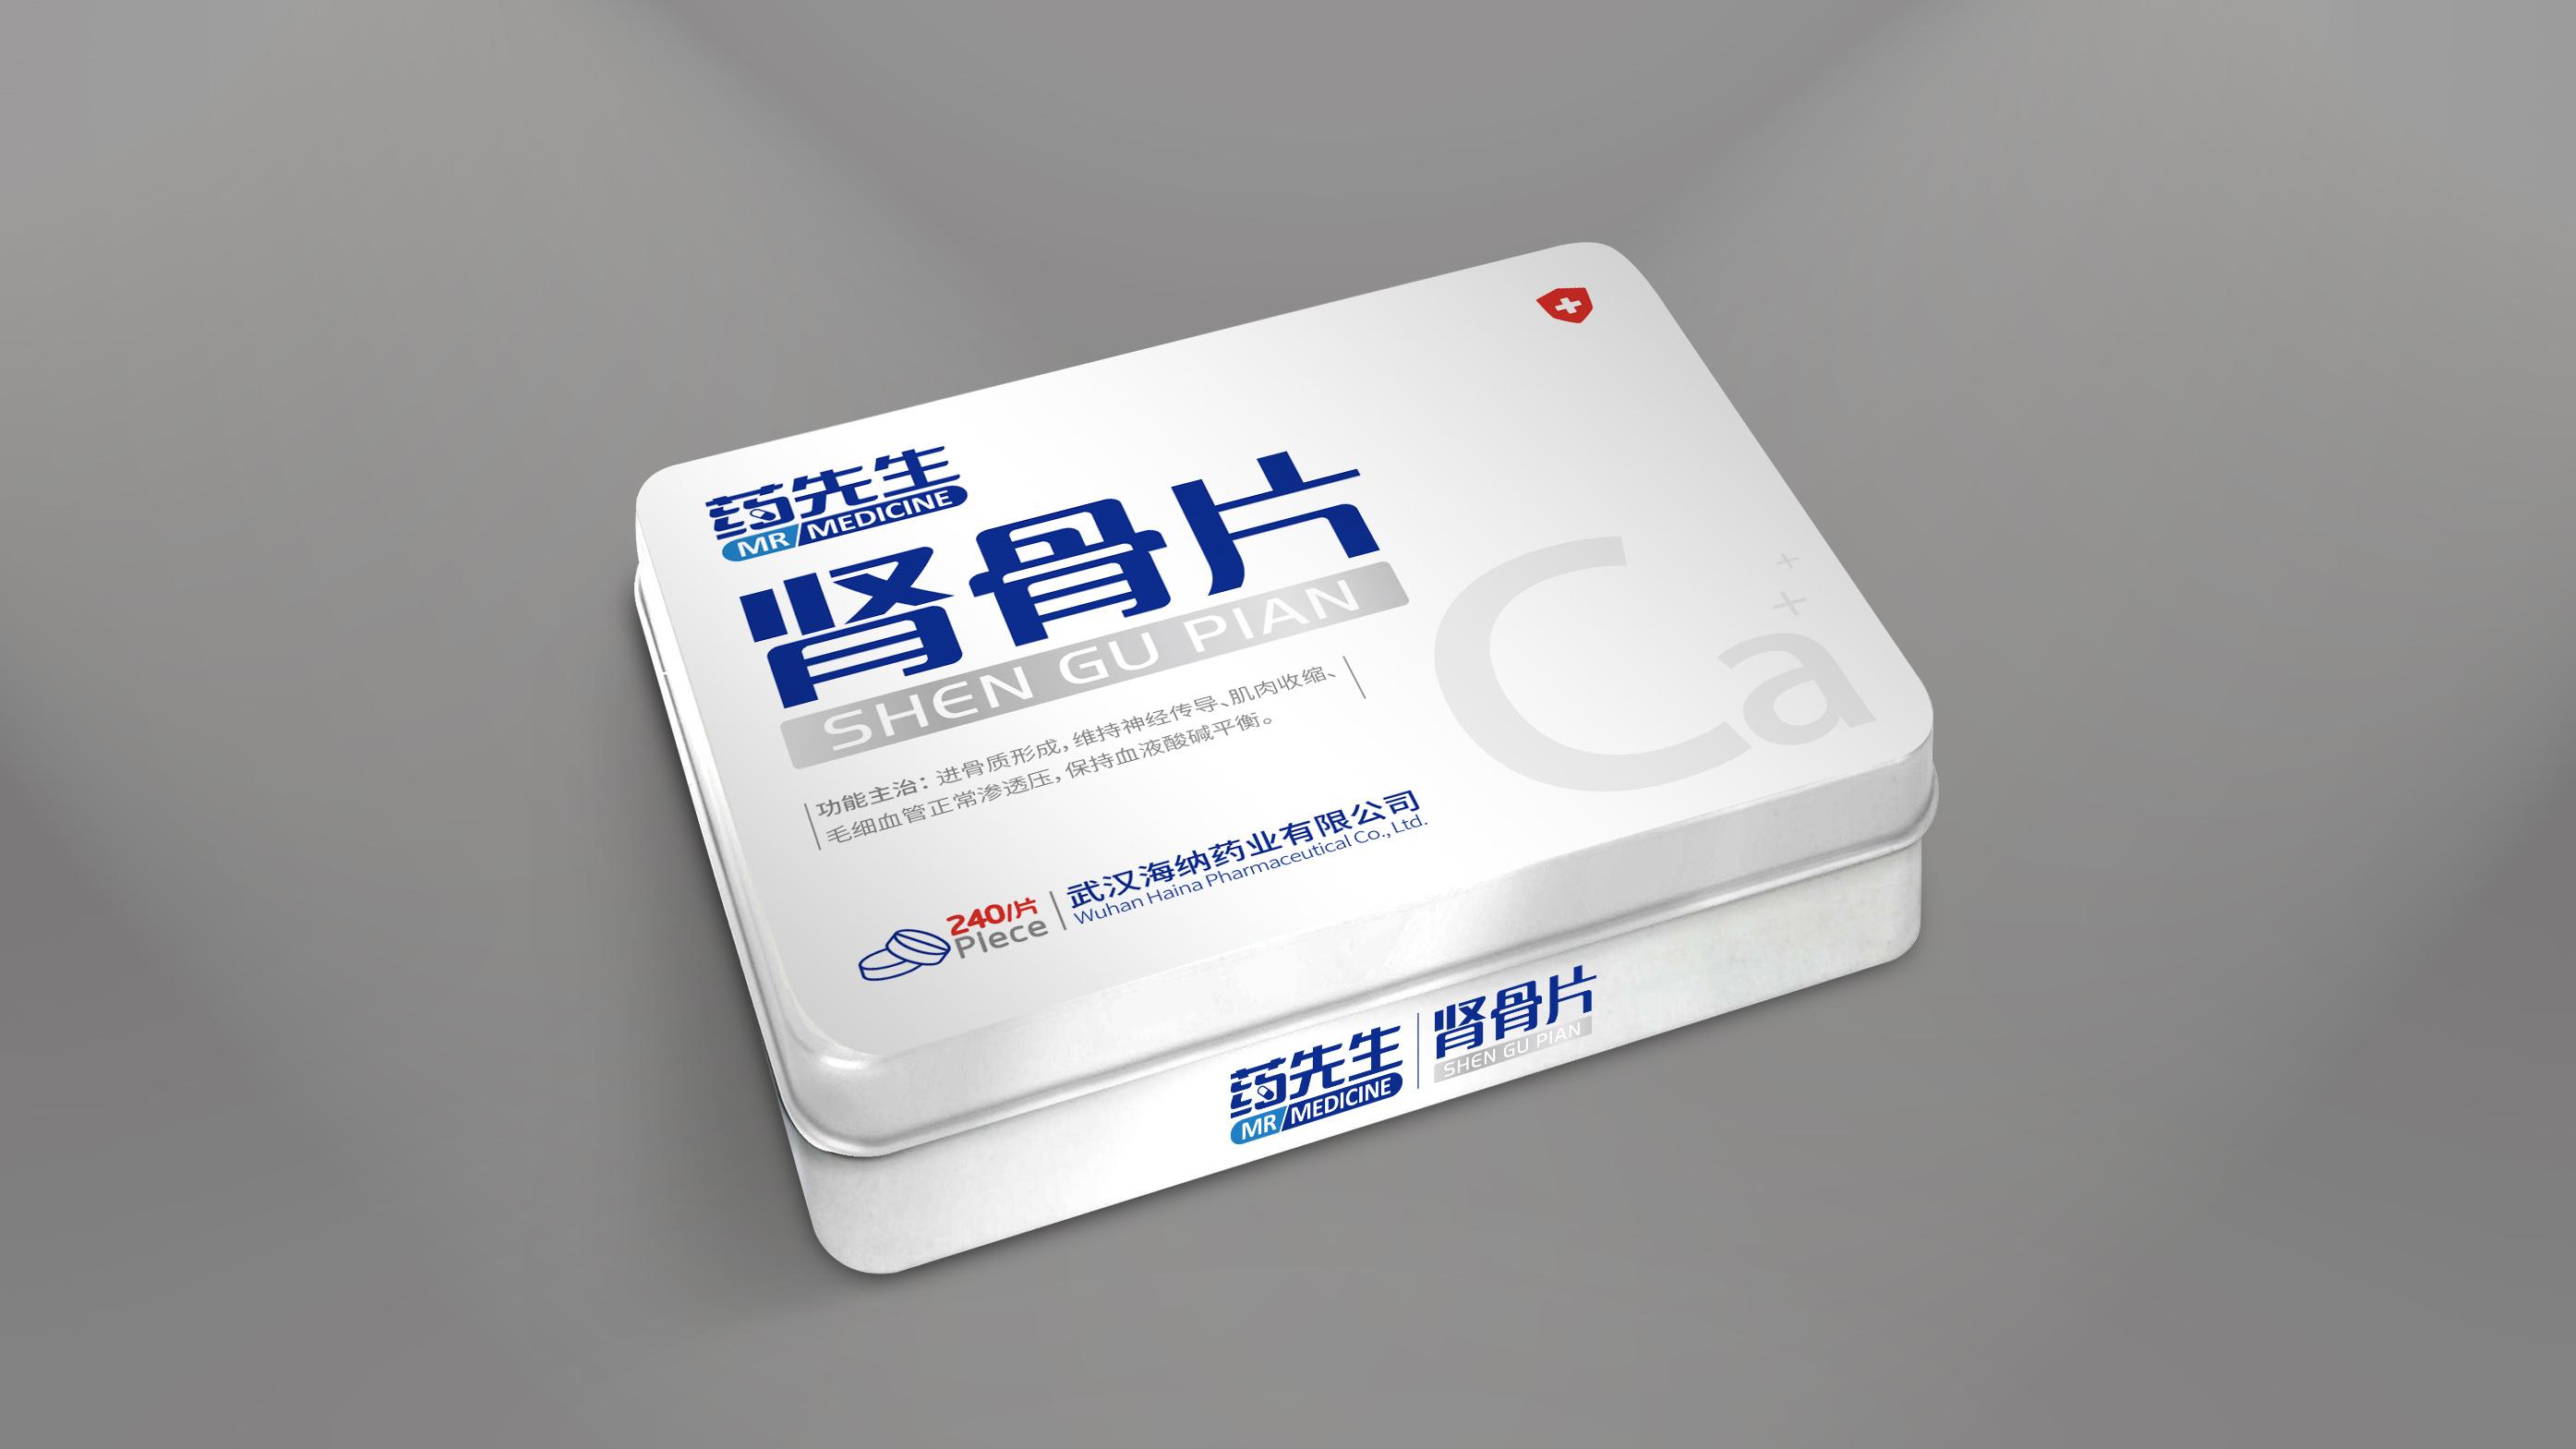 药先生logo和肾骨片包装设计